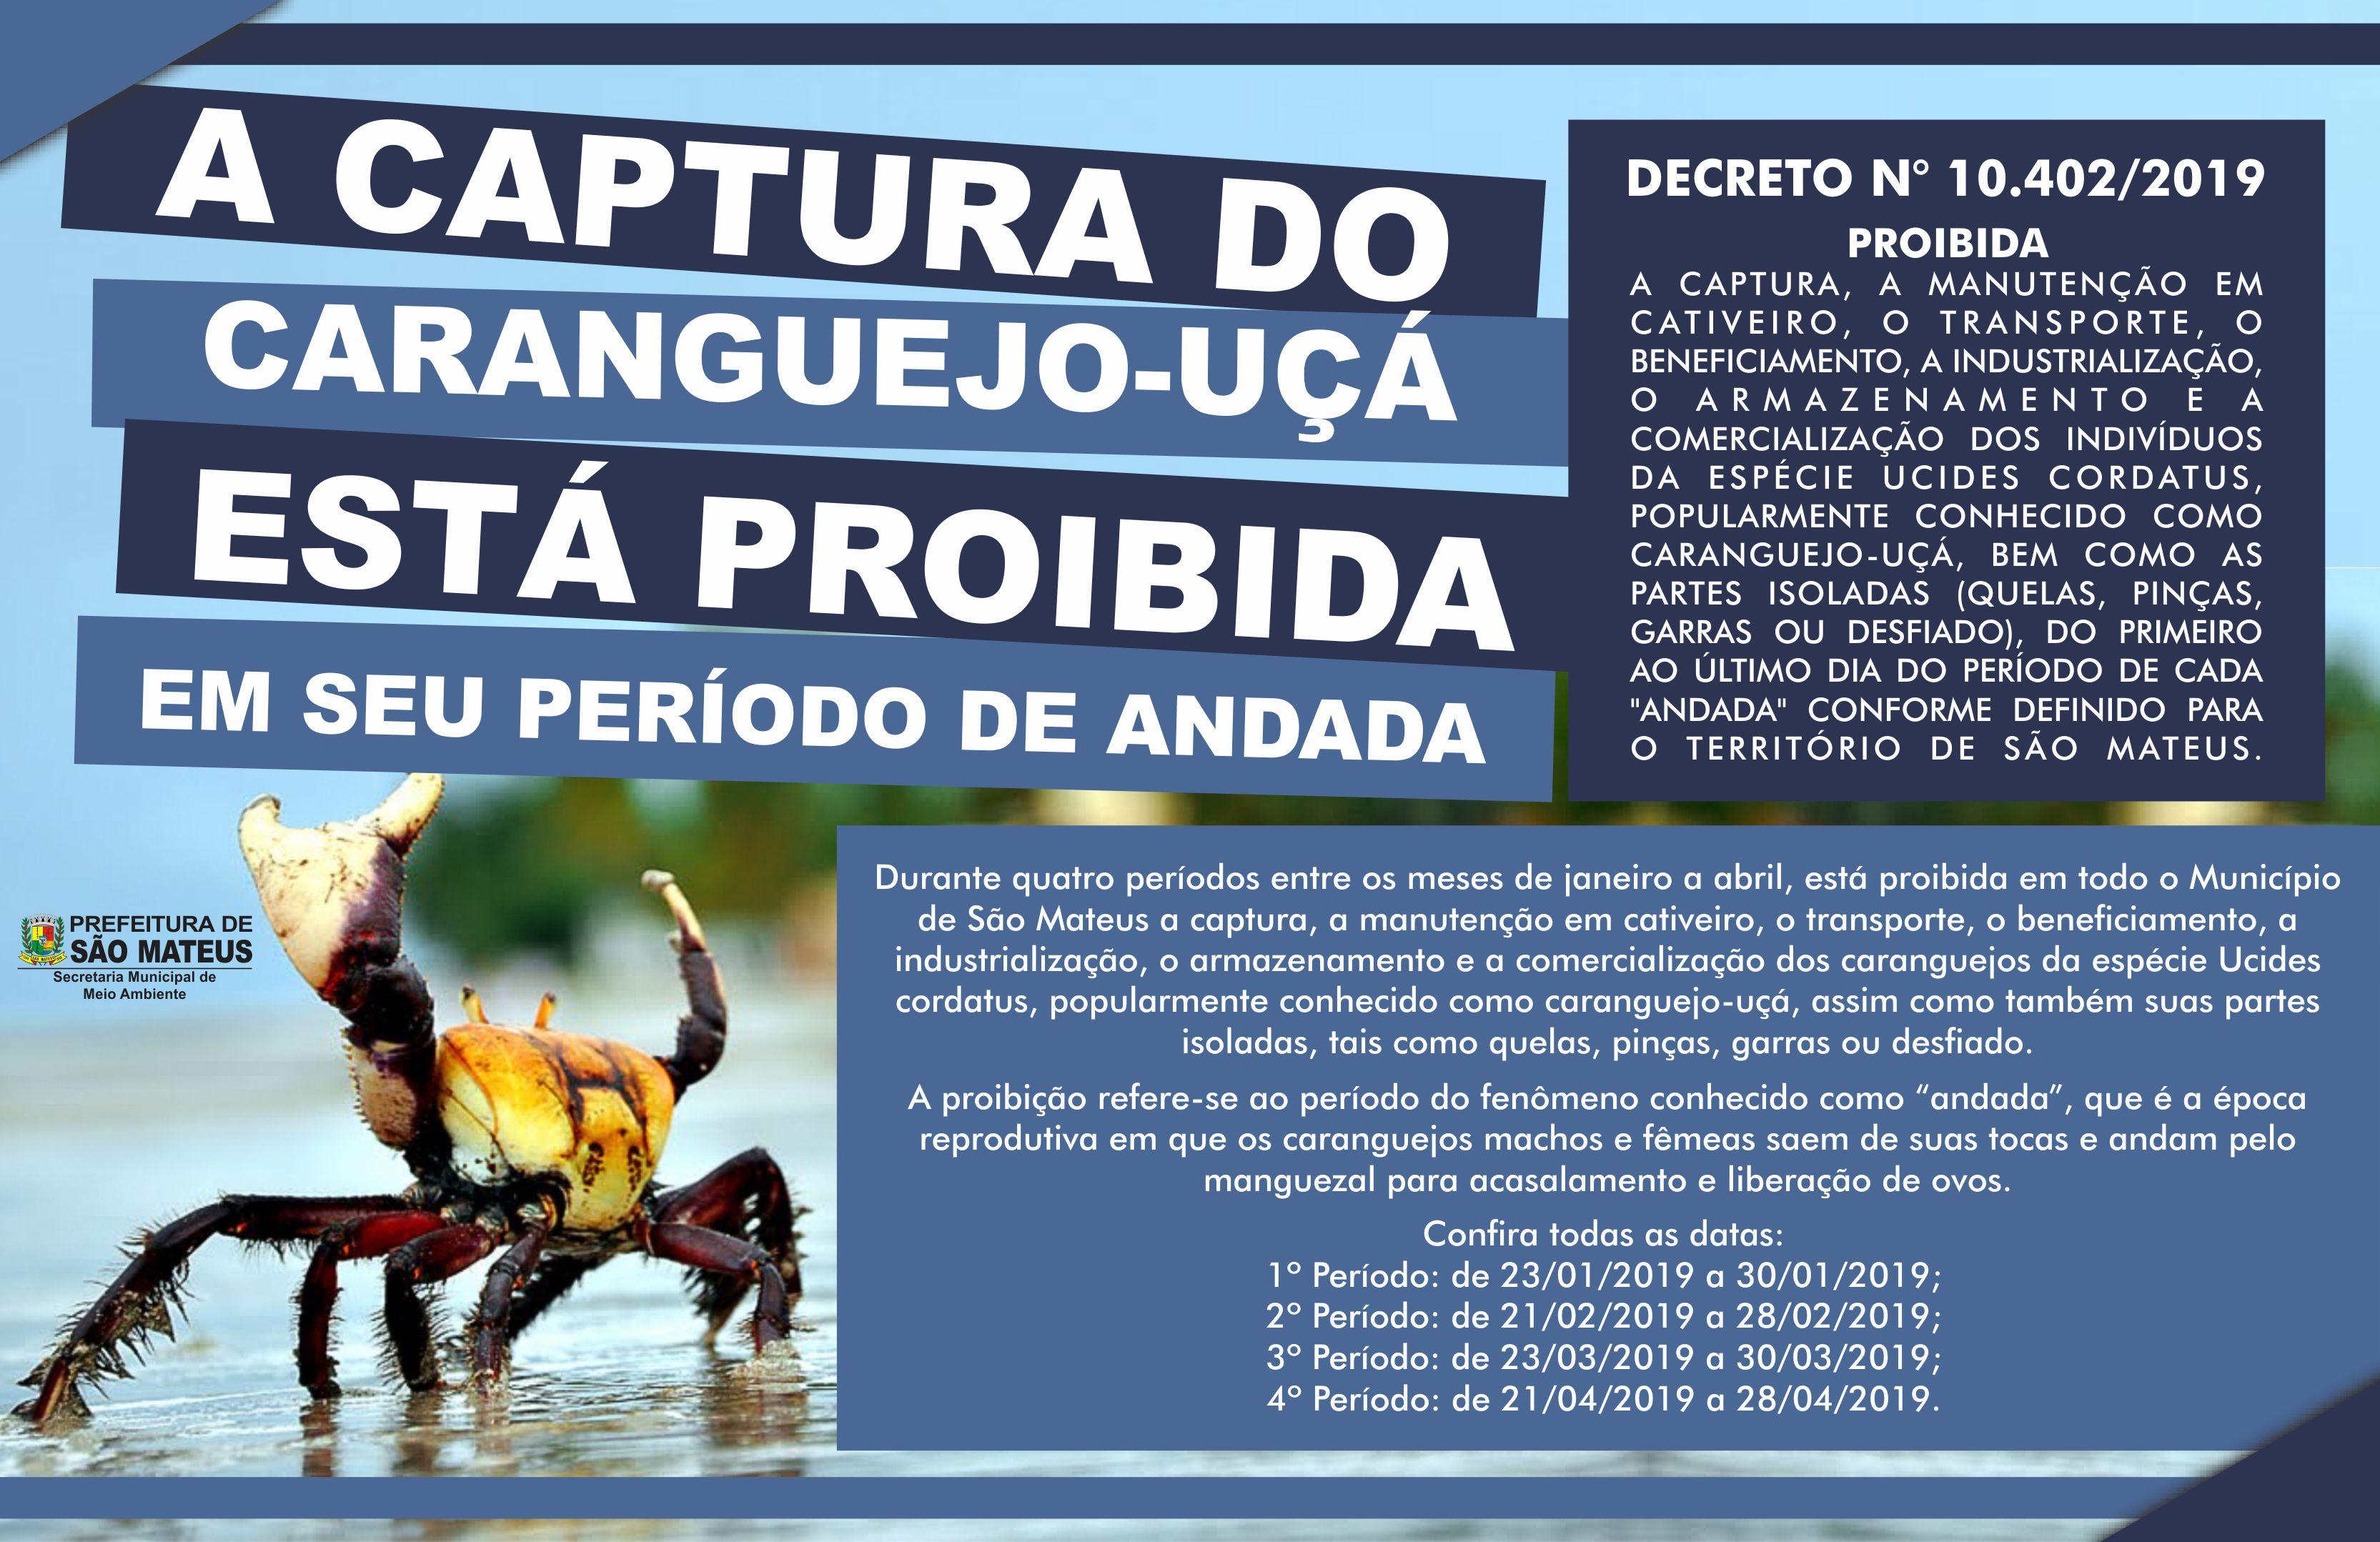 TERCEIRO PERÍODO DE ANDADA DO CARANGUEJO-UÇÁ OCORRE EM MARÇO